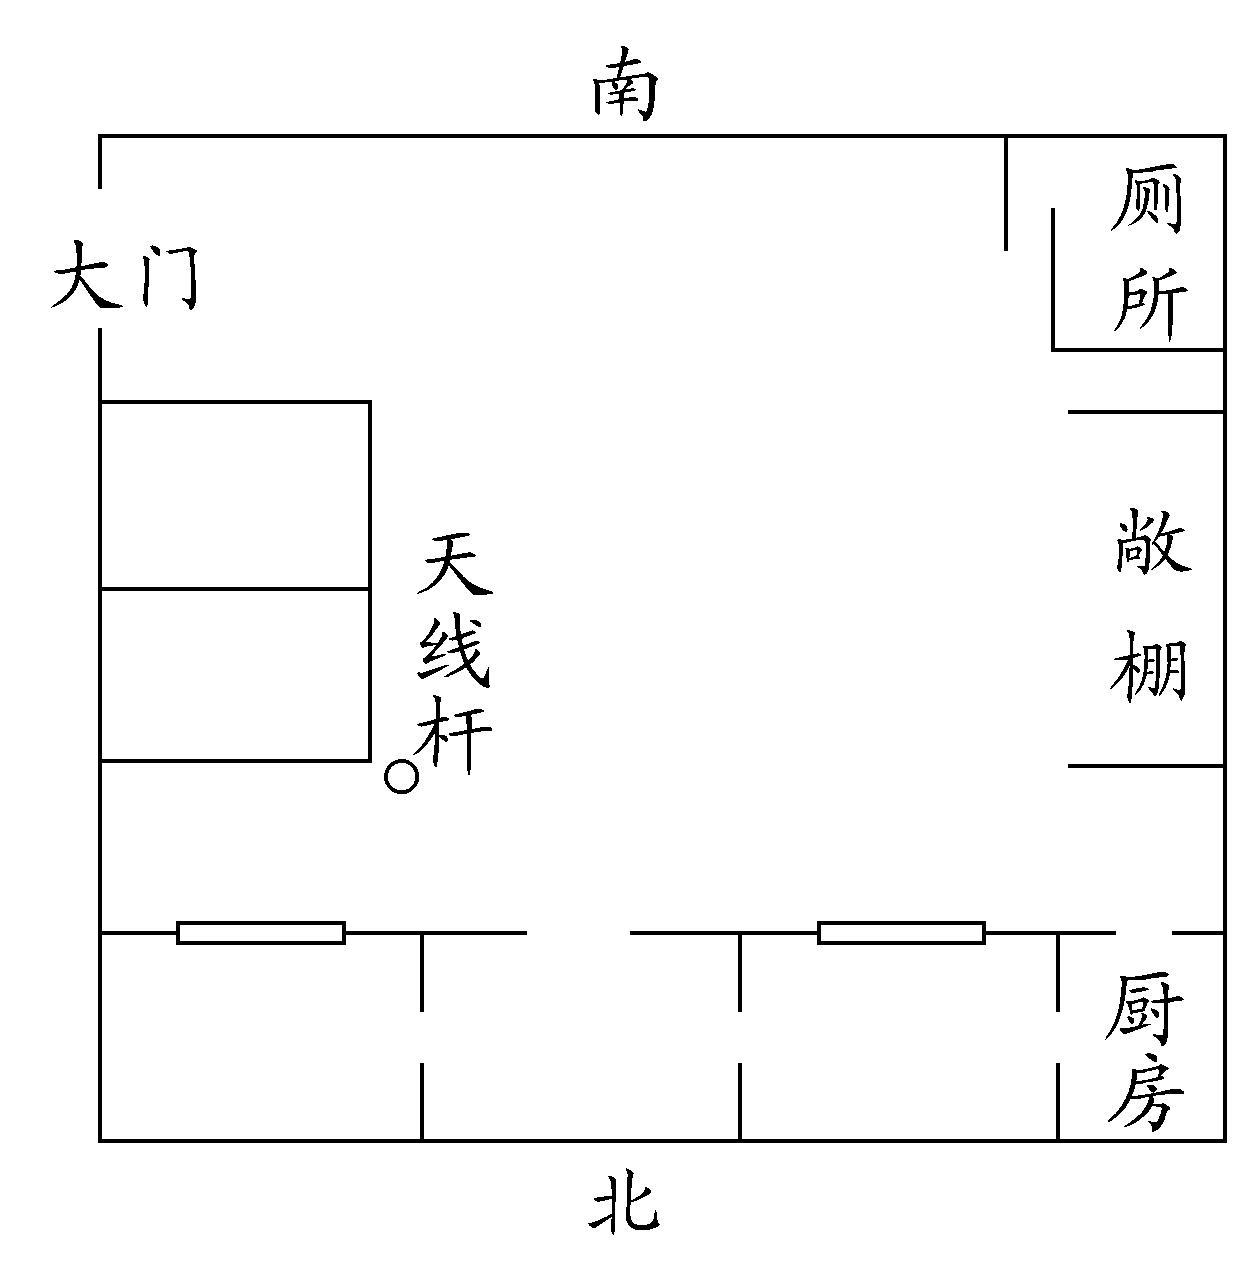 此宅正房三间半,西北是半间房,作厨房。大门开在巽位。有两间东厢房,很小。紧贴着东厢房的西北墙角,是一颗天线杆。西面是一个敞棚,有顶,无门窗。西南坤位是一个没有搭顶的厕所。   北面是一个巷道,东面是一个南北小道,再东面无邻居,是一个废弃的水坑,已经基本填平。南面是一个东西巷道。西南有邻居,房高。   当时本人断了几条,如下:   1.三实一虚之宅,住在此处不会富裕,经济条件不好。难有大的发展。   2.白虎大张口,伤灾必多。经常会有磕碰之灾、血光之灾。   3.阳盛,对女人不利,身体不好,长年有病。